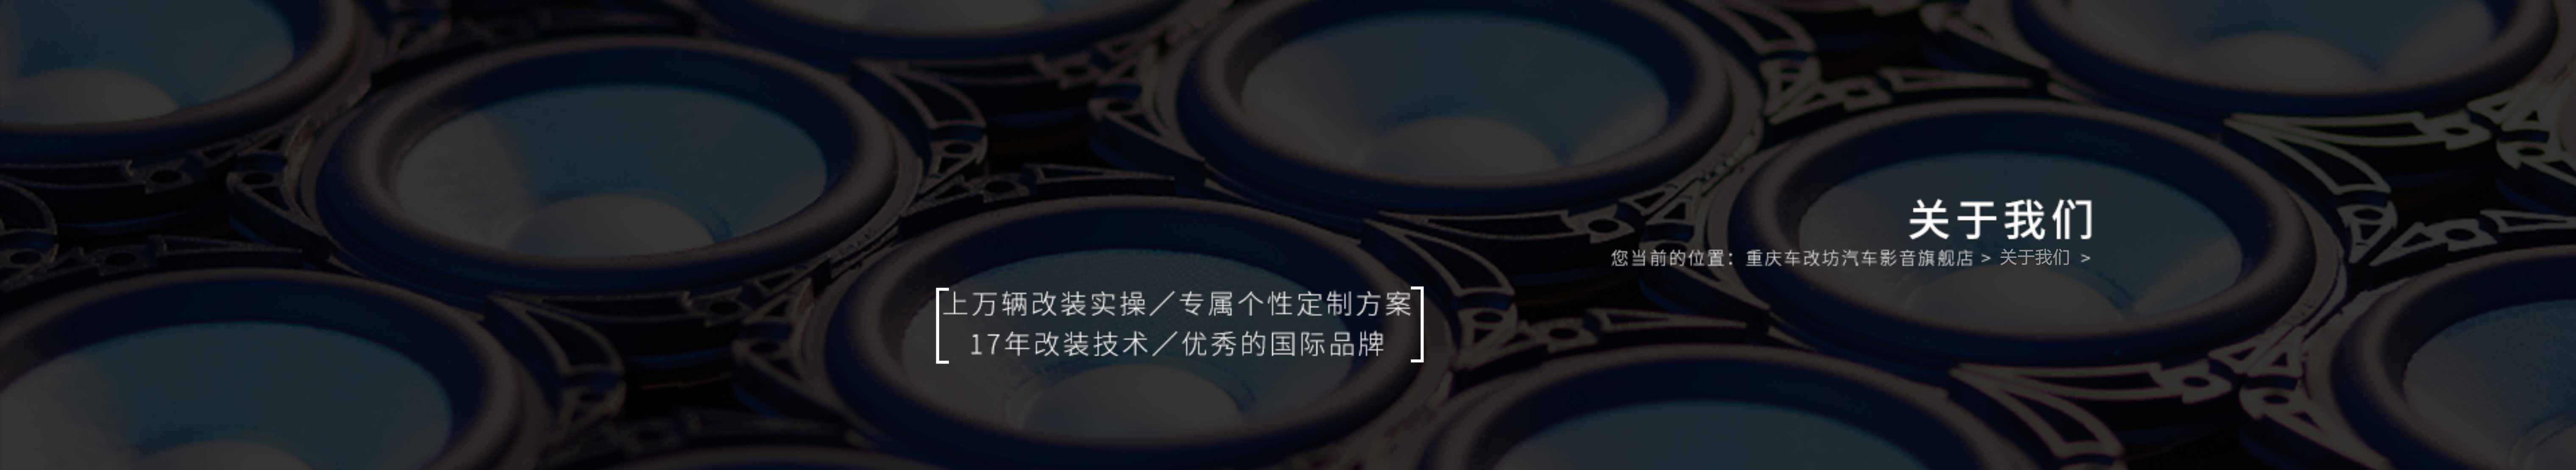 重庆汽车音响改装店